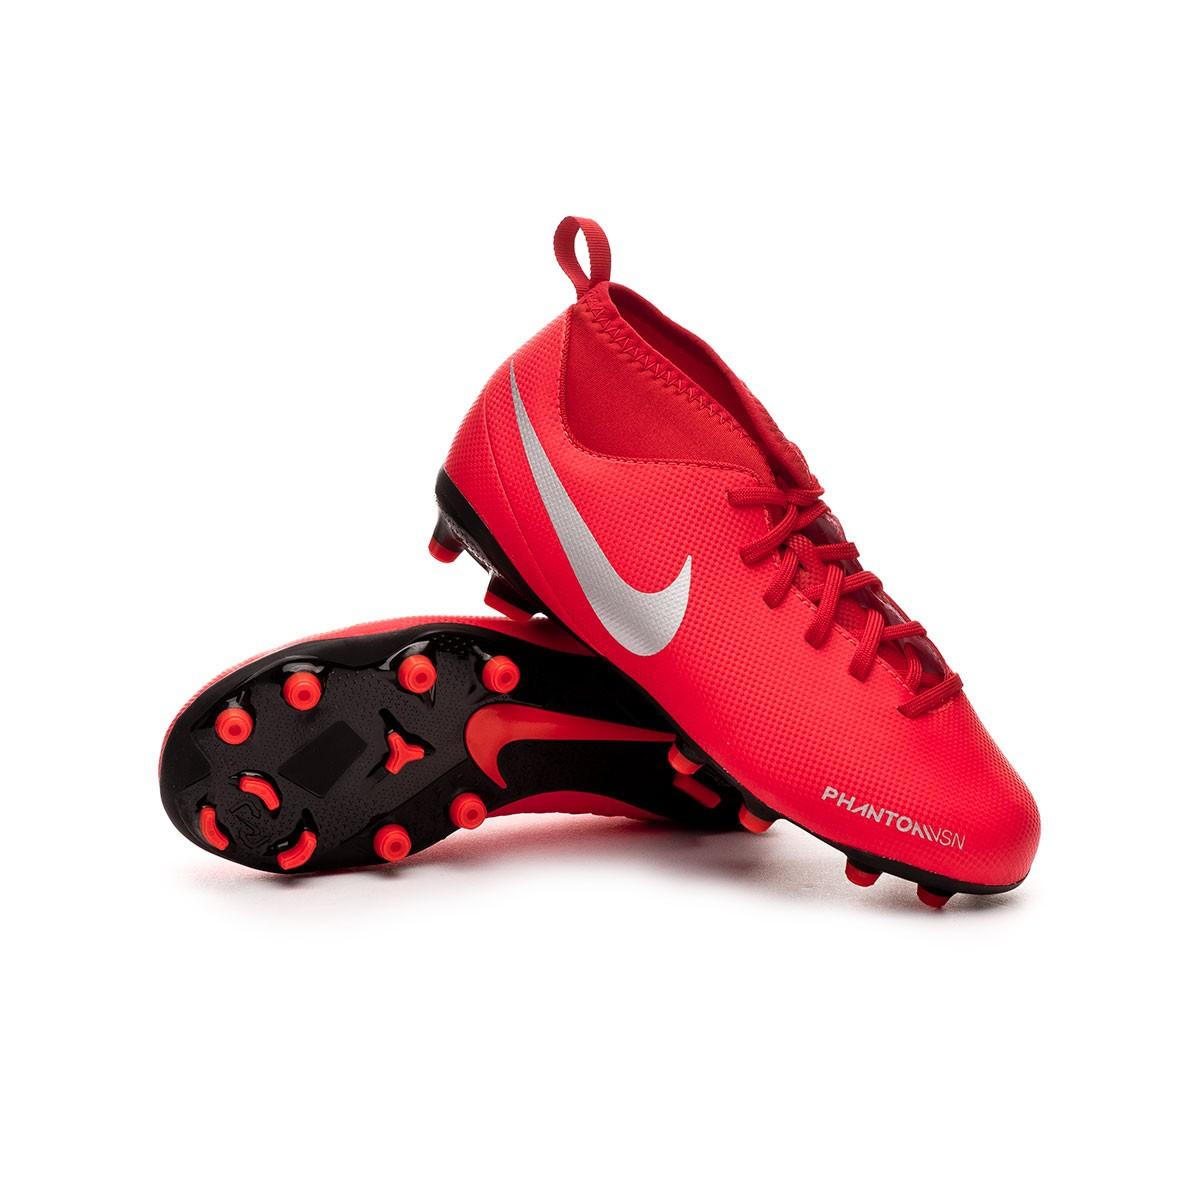 brand new 684c0 c7472 Nike Phantom Vision Club DF FG MG Niño Football Boots